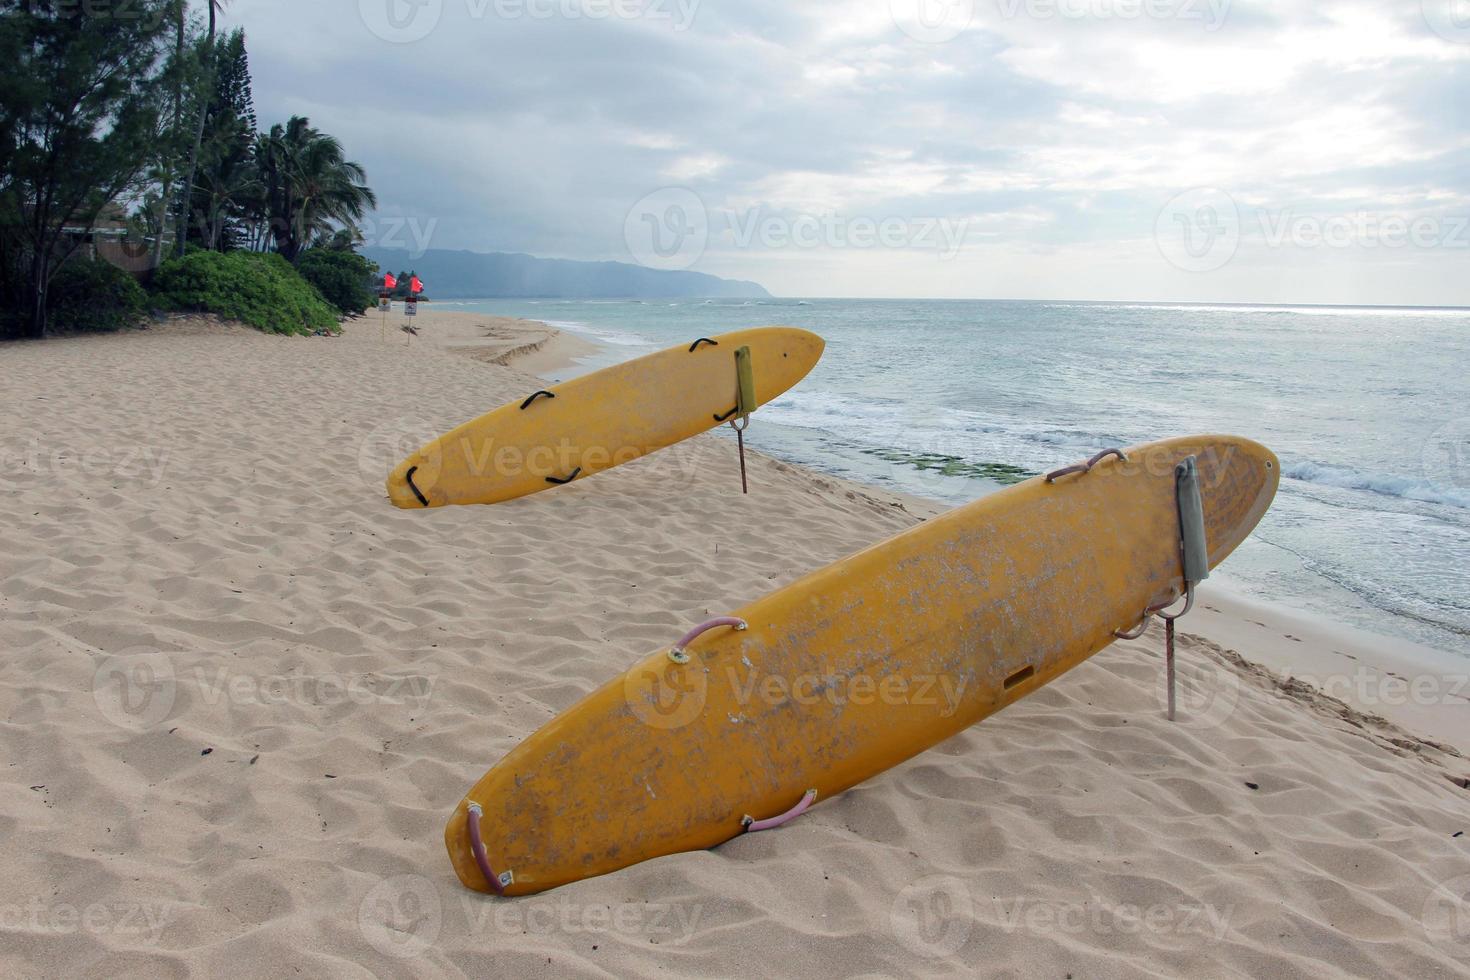 tavole da surf e bandiere rosse sulla spiaggia foto